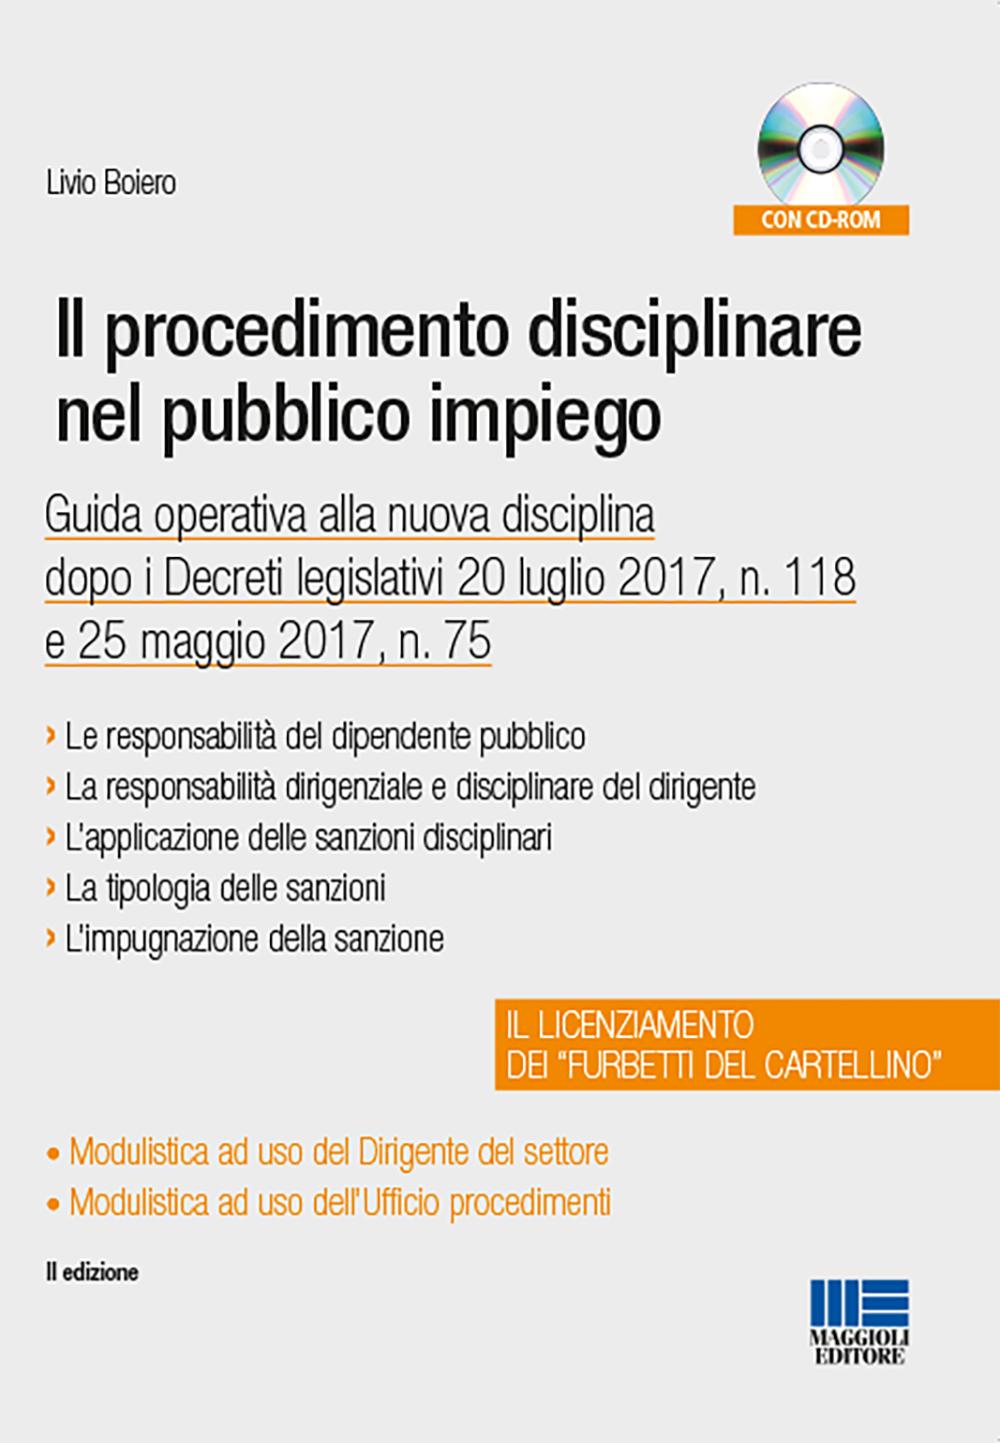 Il procedimento disciplinare nel pubblico impiego